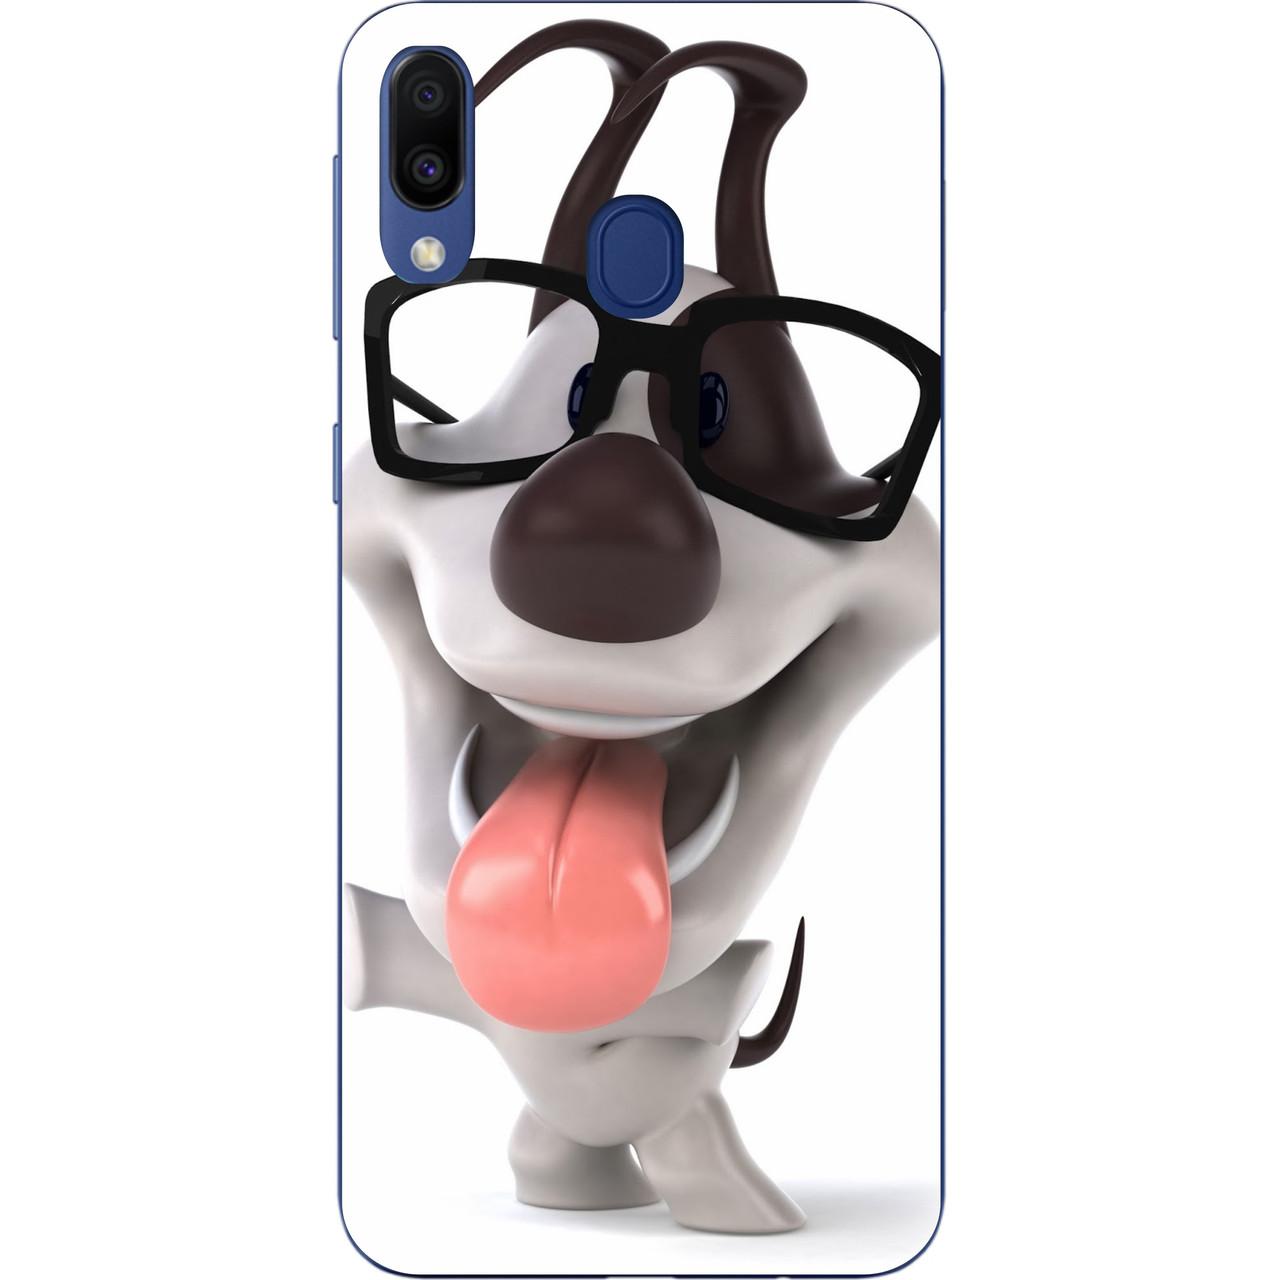 Силиконовый чехол для Samsung Galaxy A20 2019 A205F с картинкой Собака